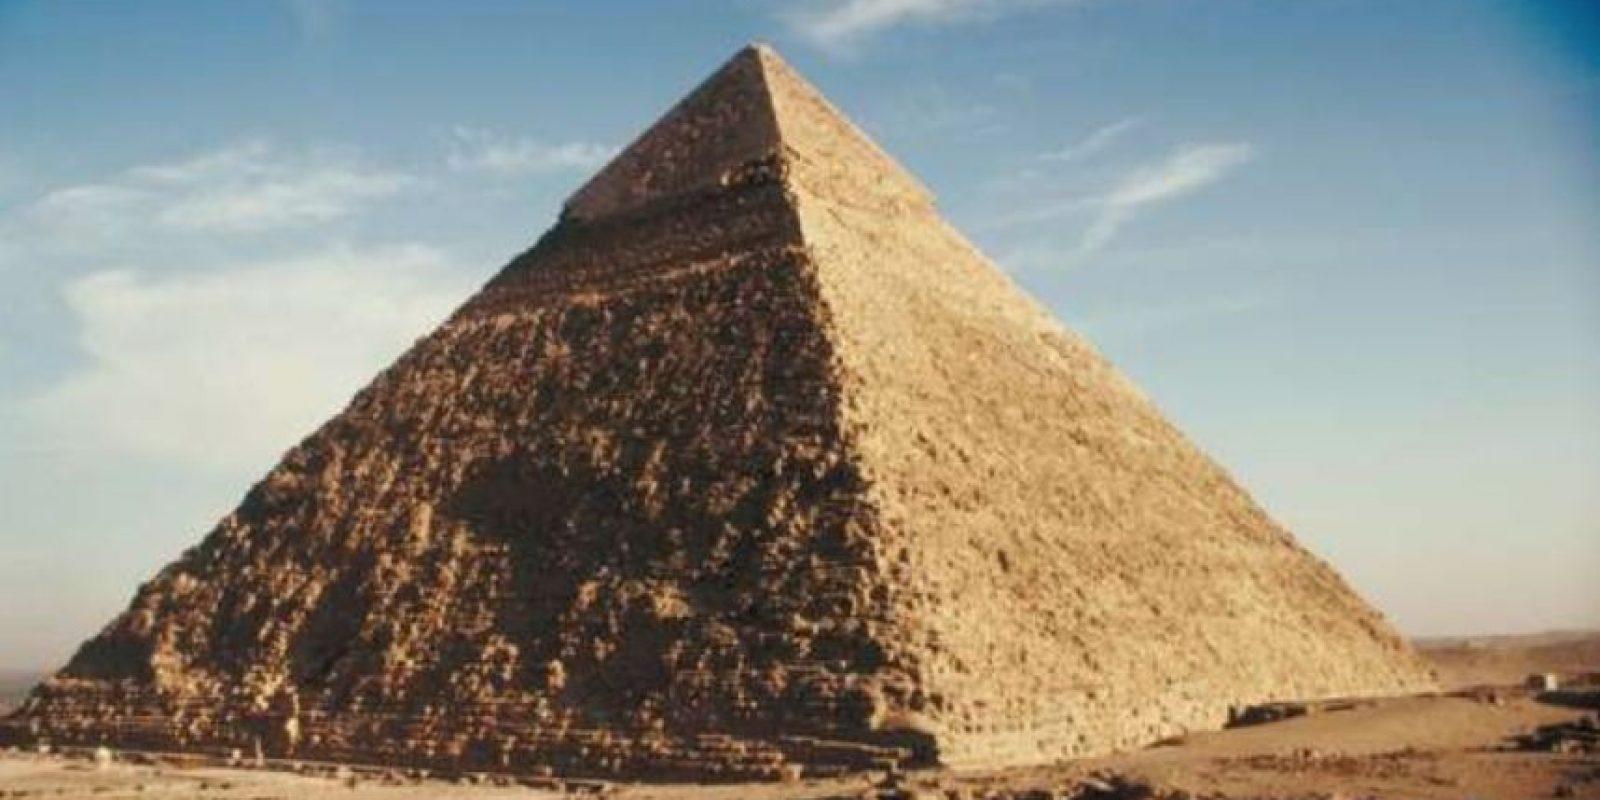 Charles Piazzi Smyth vaticinó que Jesucristo llegaría entre 1892 y 1911. Su estudio lo hizo basado en las dimensiones de la pirámide de Giza. Foto:vía Wikipedia